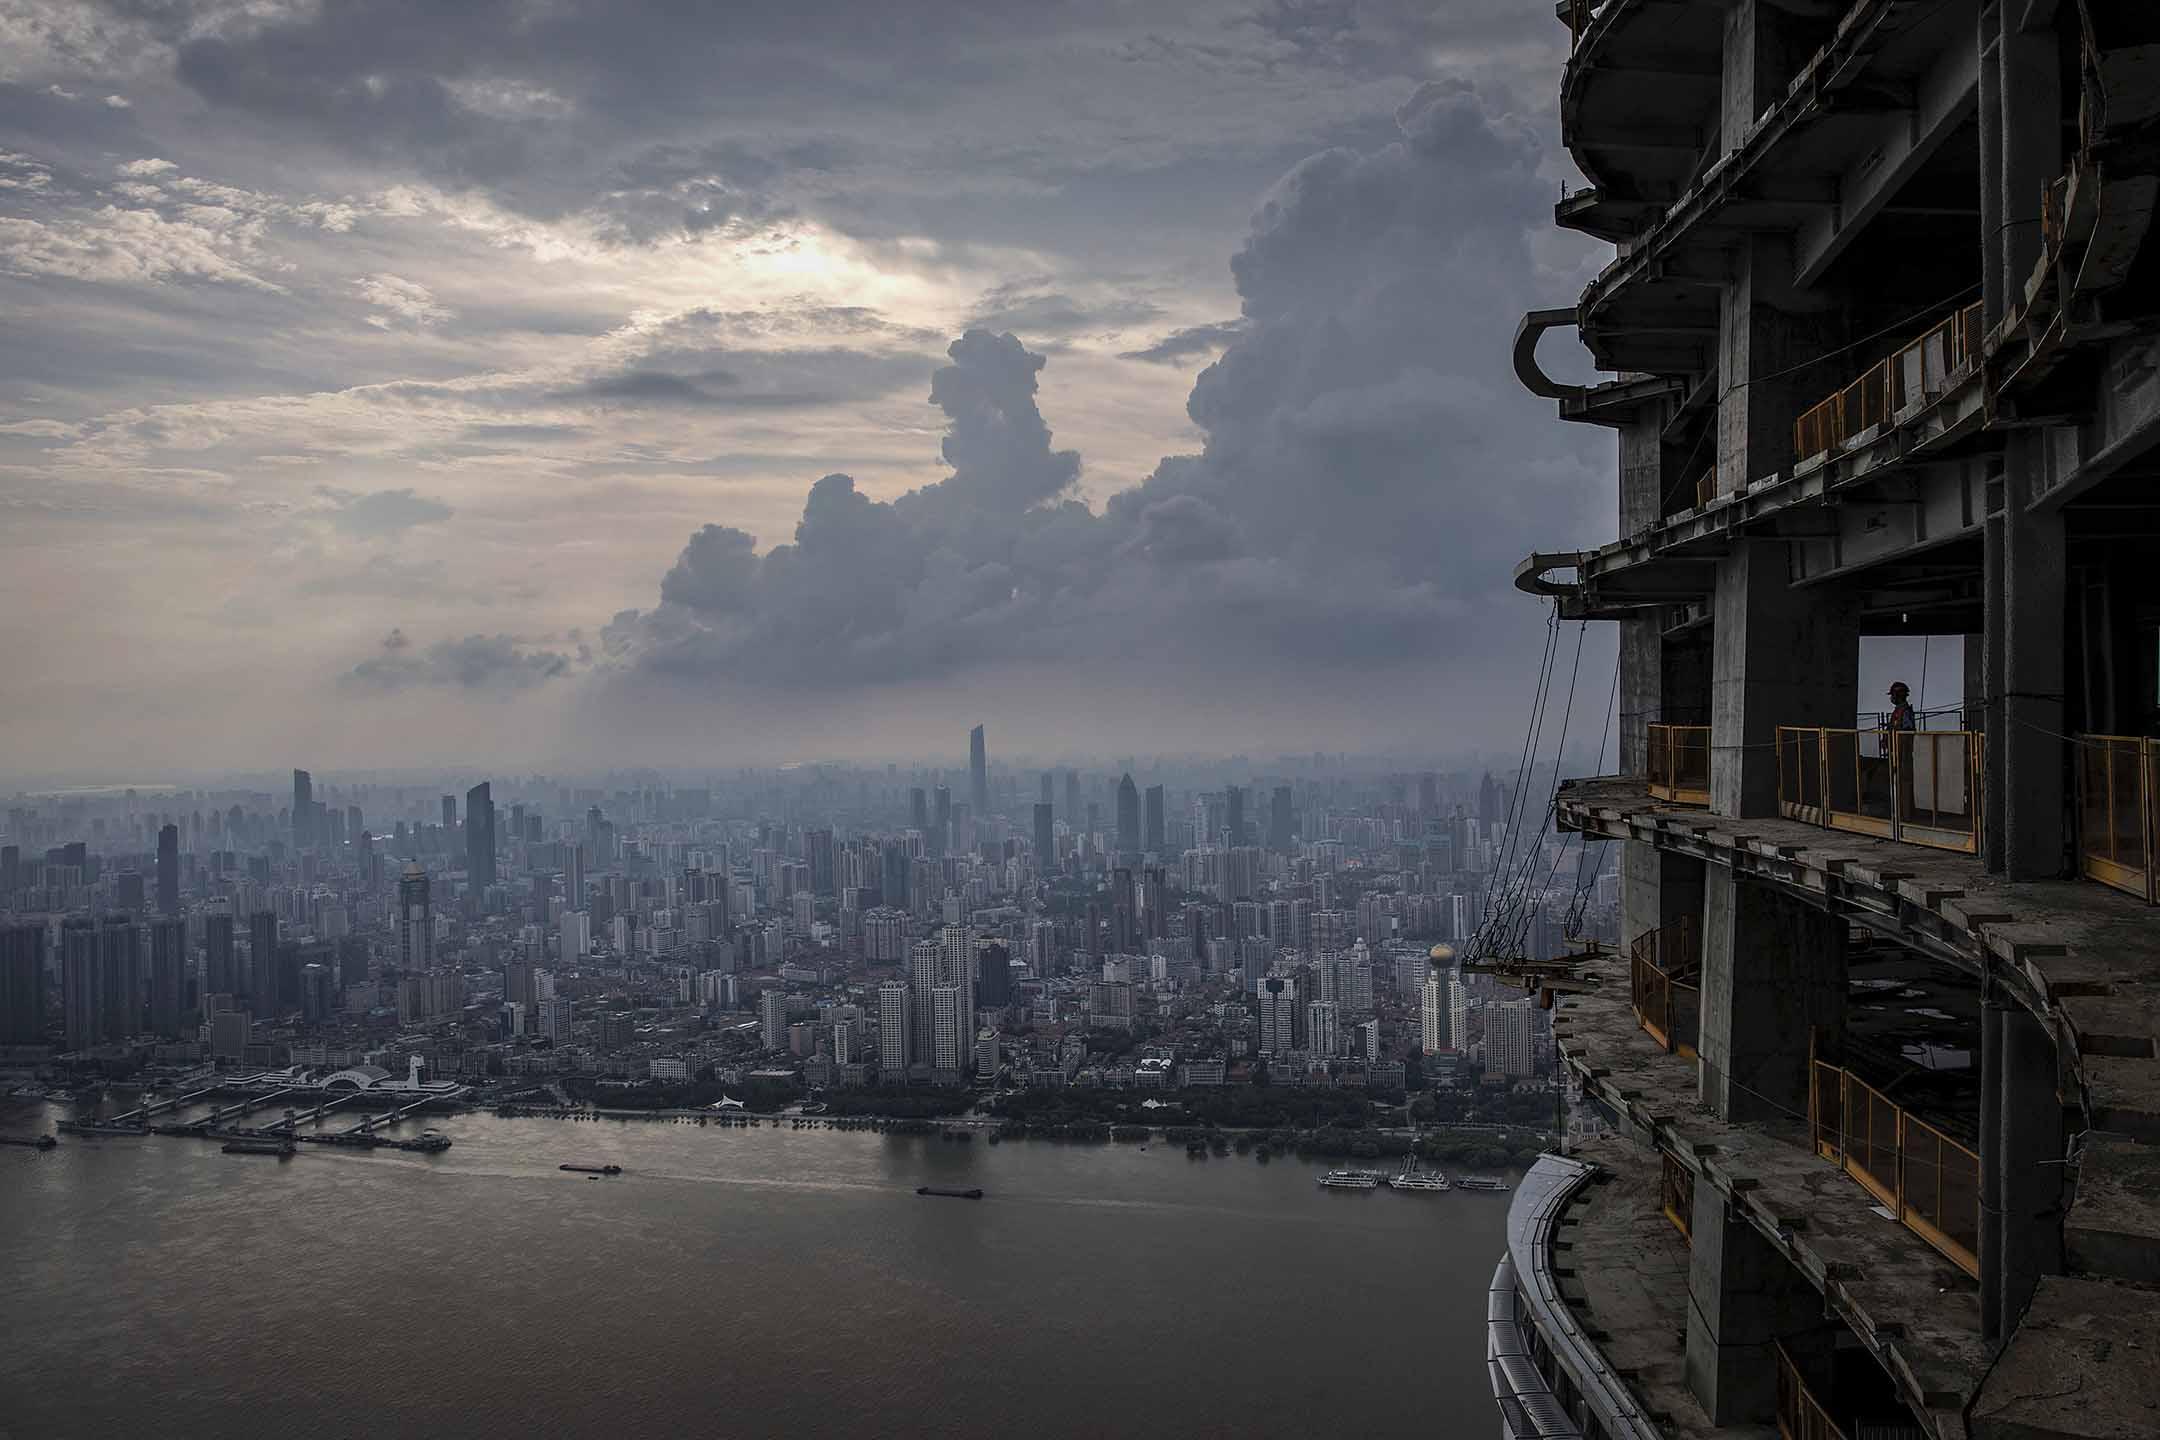 2020年8月11日中國武漢,一名建築工人於武漢的摩天大廈工作。 圖:Getty Images